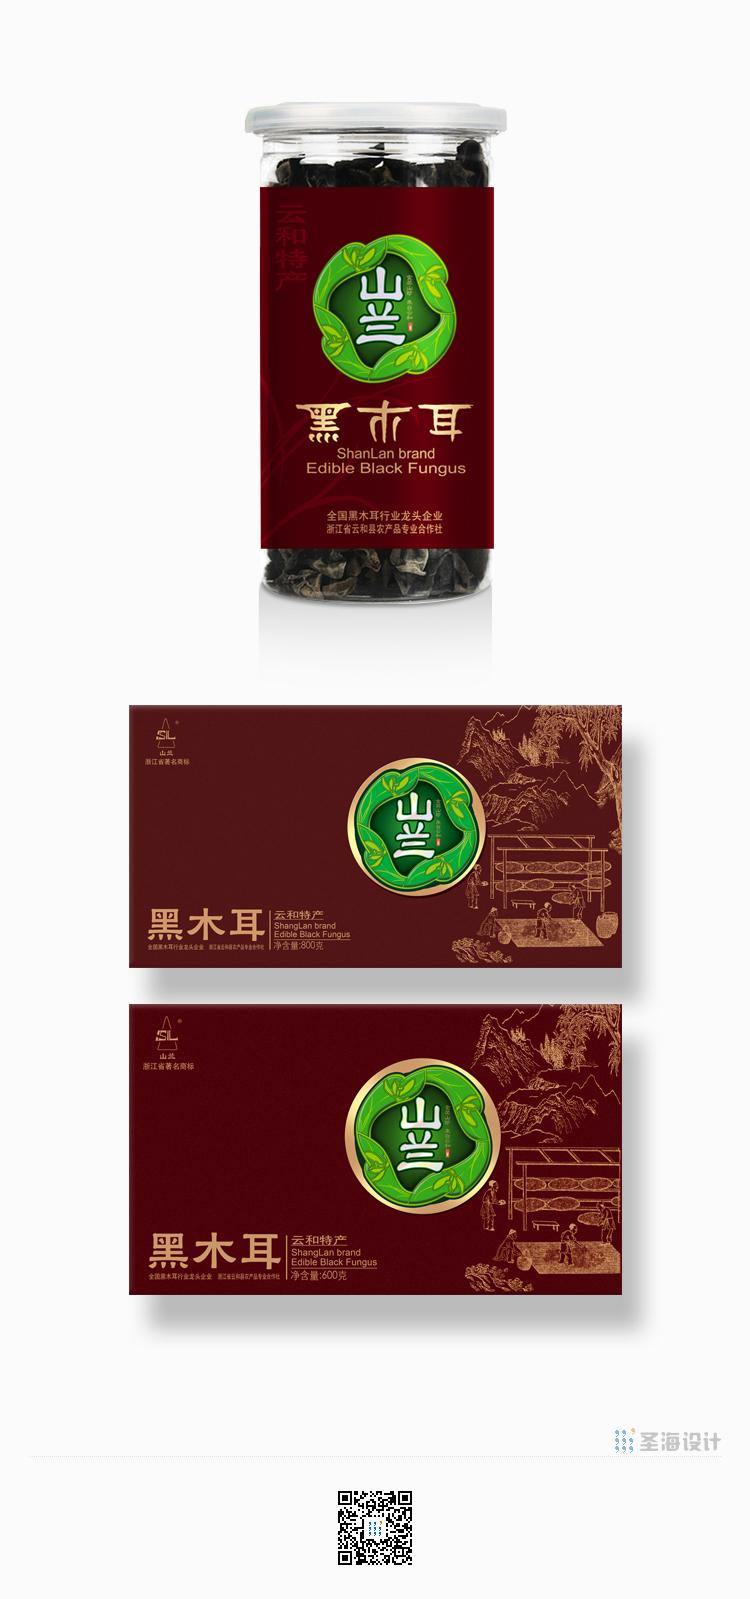 山兰品牌形象设计,黑木耳品牌设计,山货,山珍品牌设计,杭州包装设计,浙江包装设计,品牌策划设计,标志设计,logo设计,网页网站设计